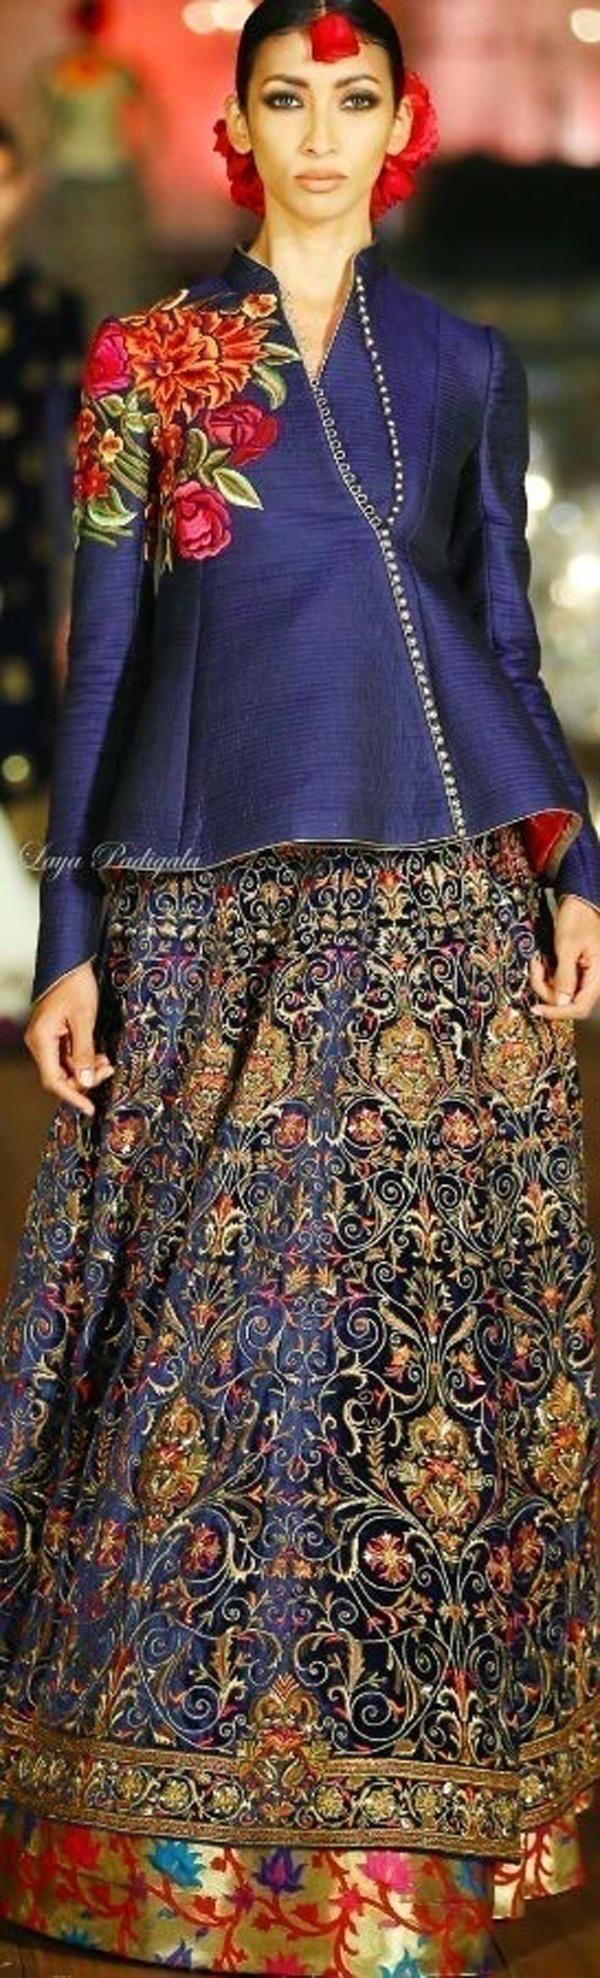 Gorgeously embroidered bridal wedding lehenga by Rohit Bal